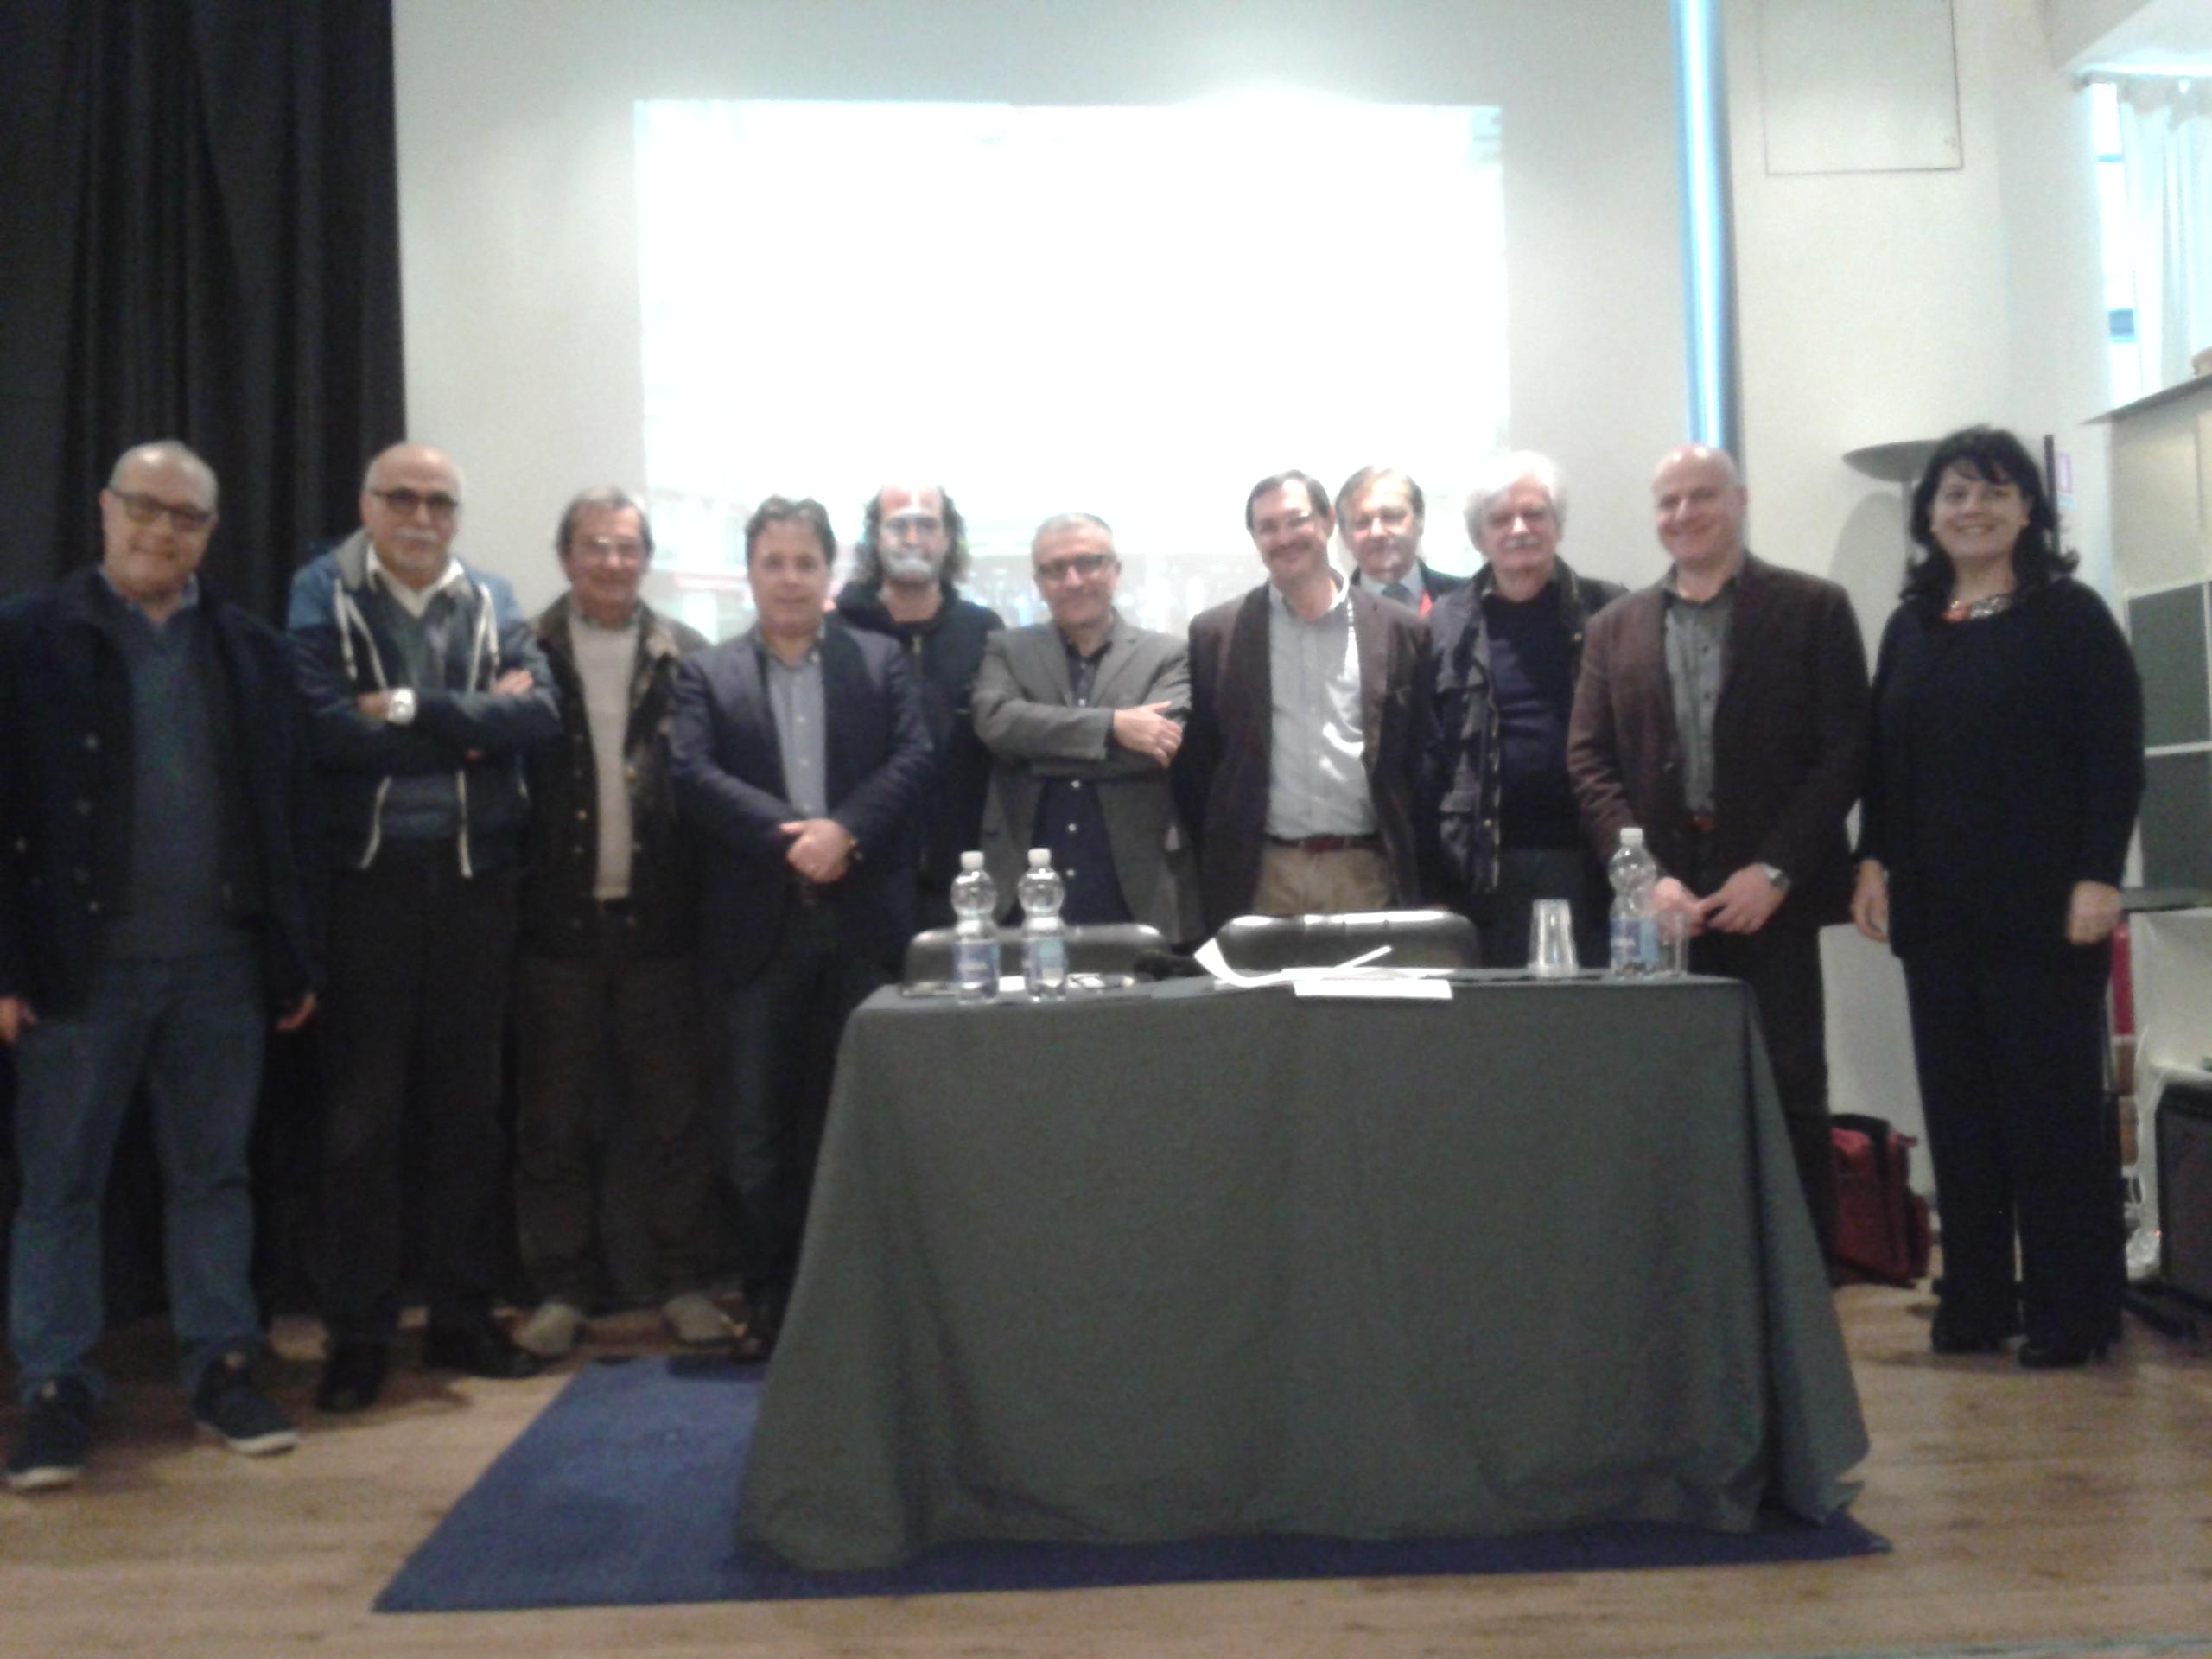 foto di gruppo dopo la conferenza stampa alla Saletta